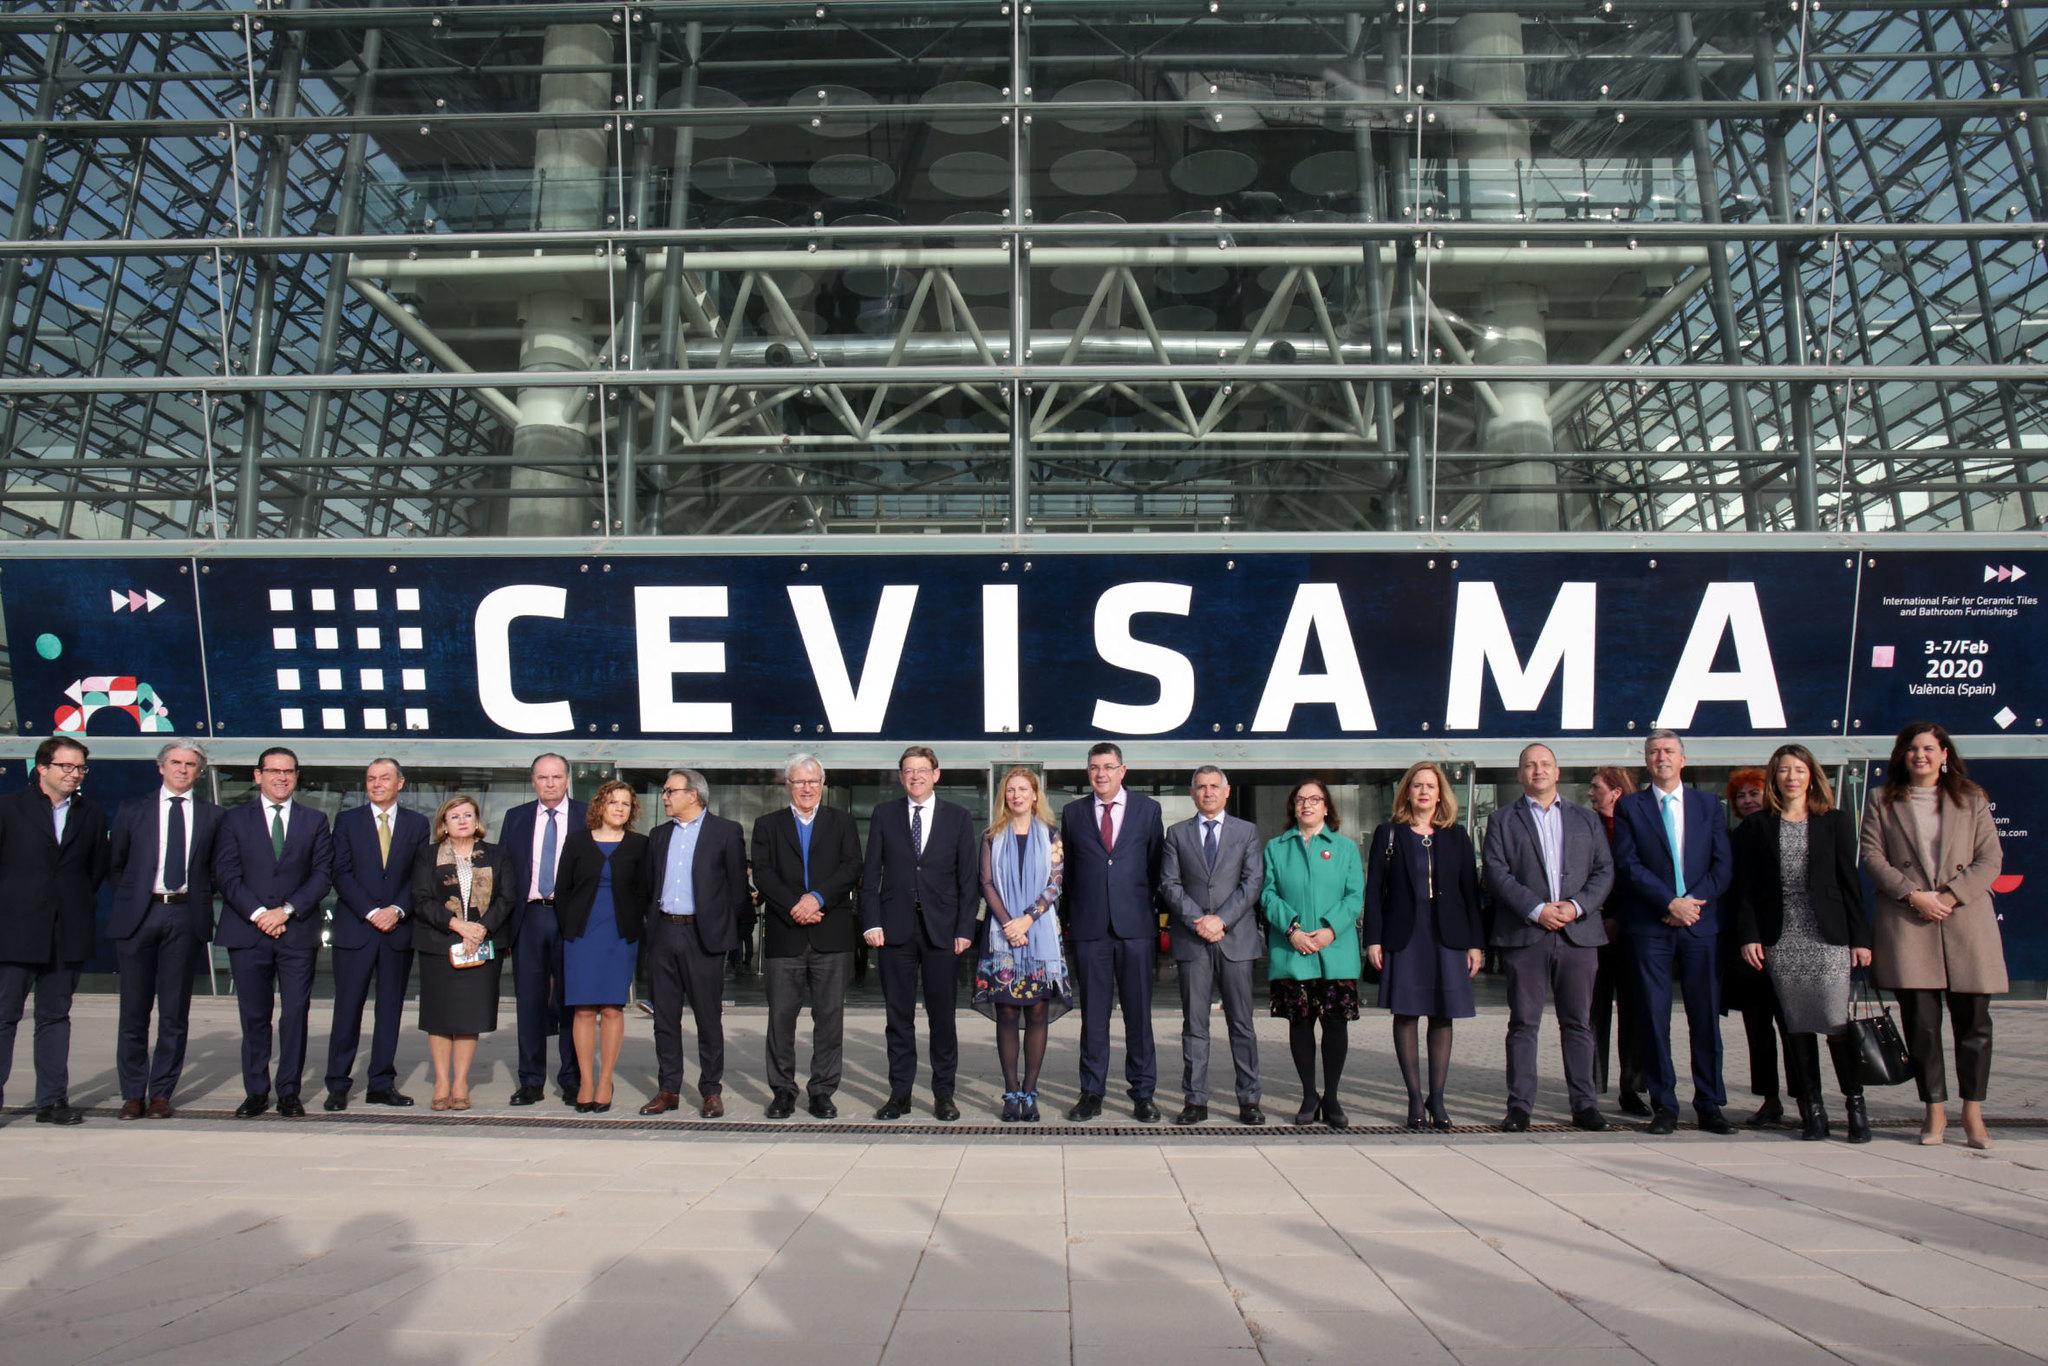 CEVISAMA 2020. Inauguración por Ayuntamiento de Valencia is licensed under CC BY-ND